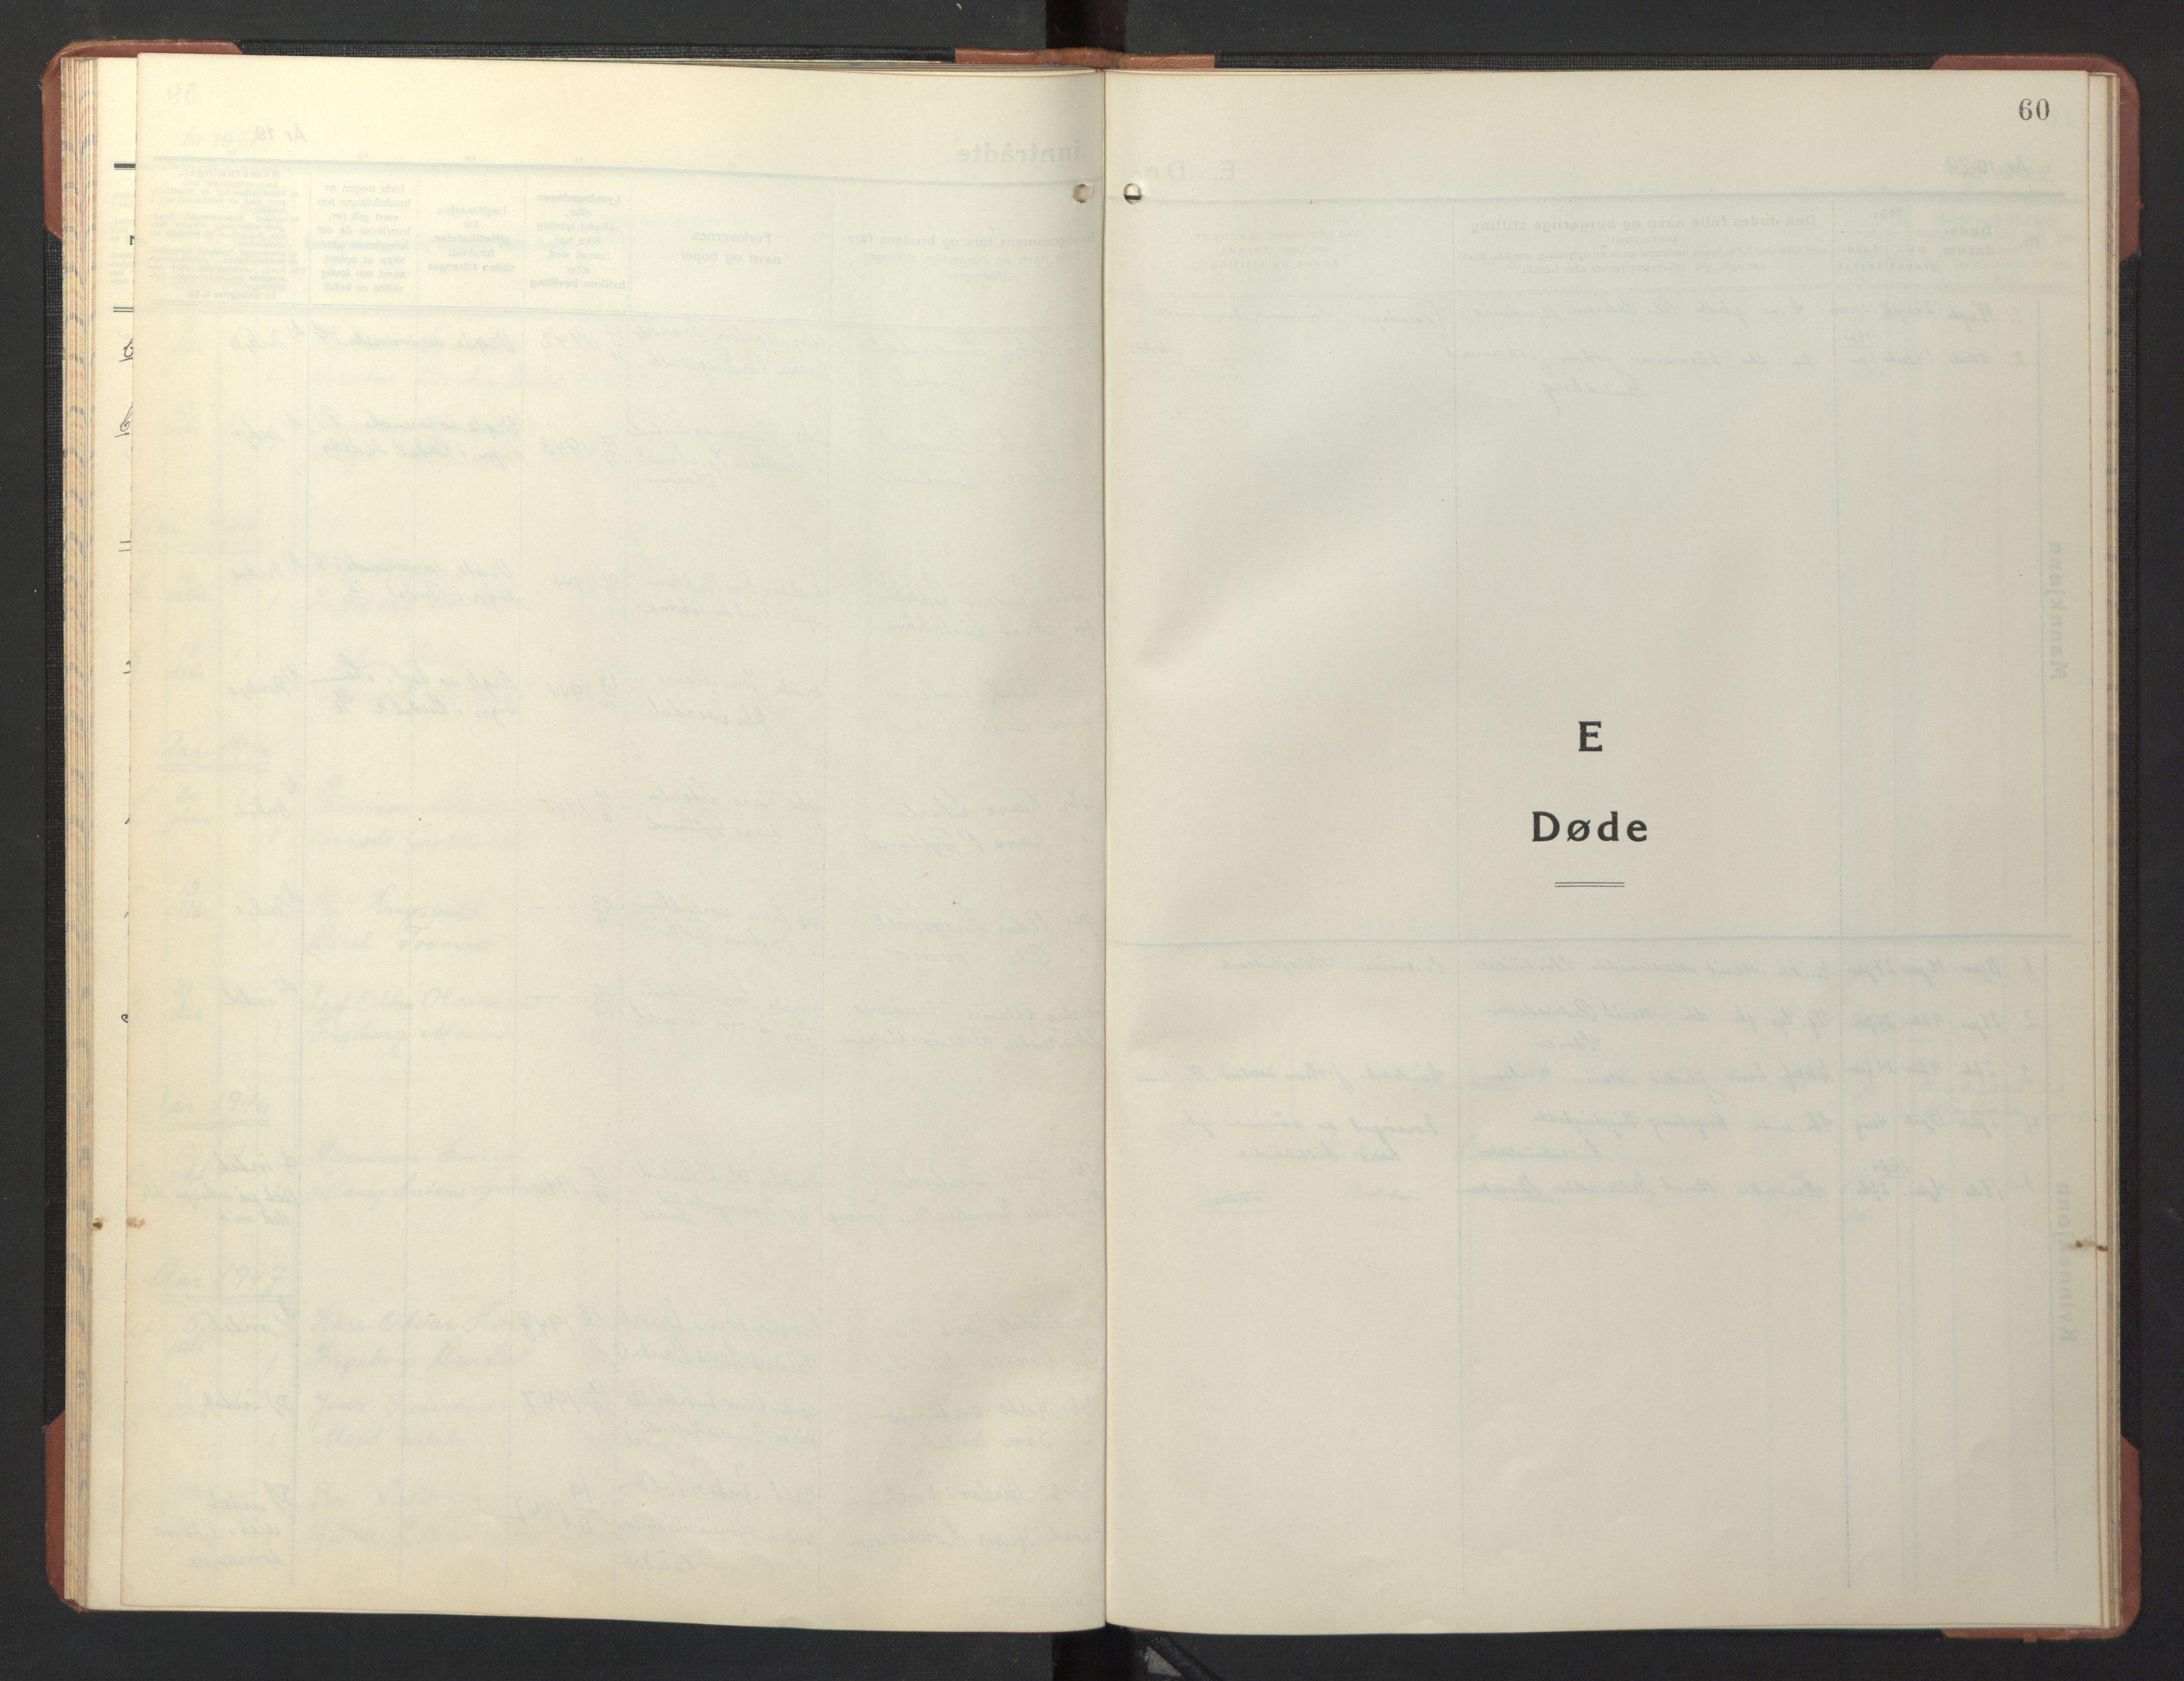 SAT, Ministerialprotokoller, klokkerbøker og fødselsregistre - Sør-Trøndelag, 690/L1053: Klokkerbok nr. 690C03, 1930-1947, s. 60